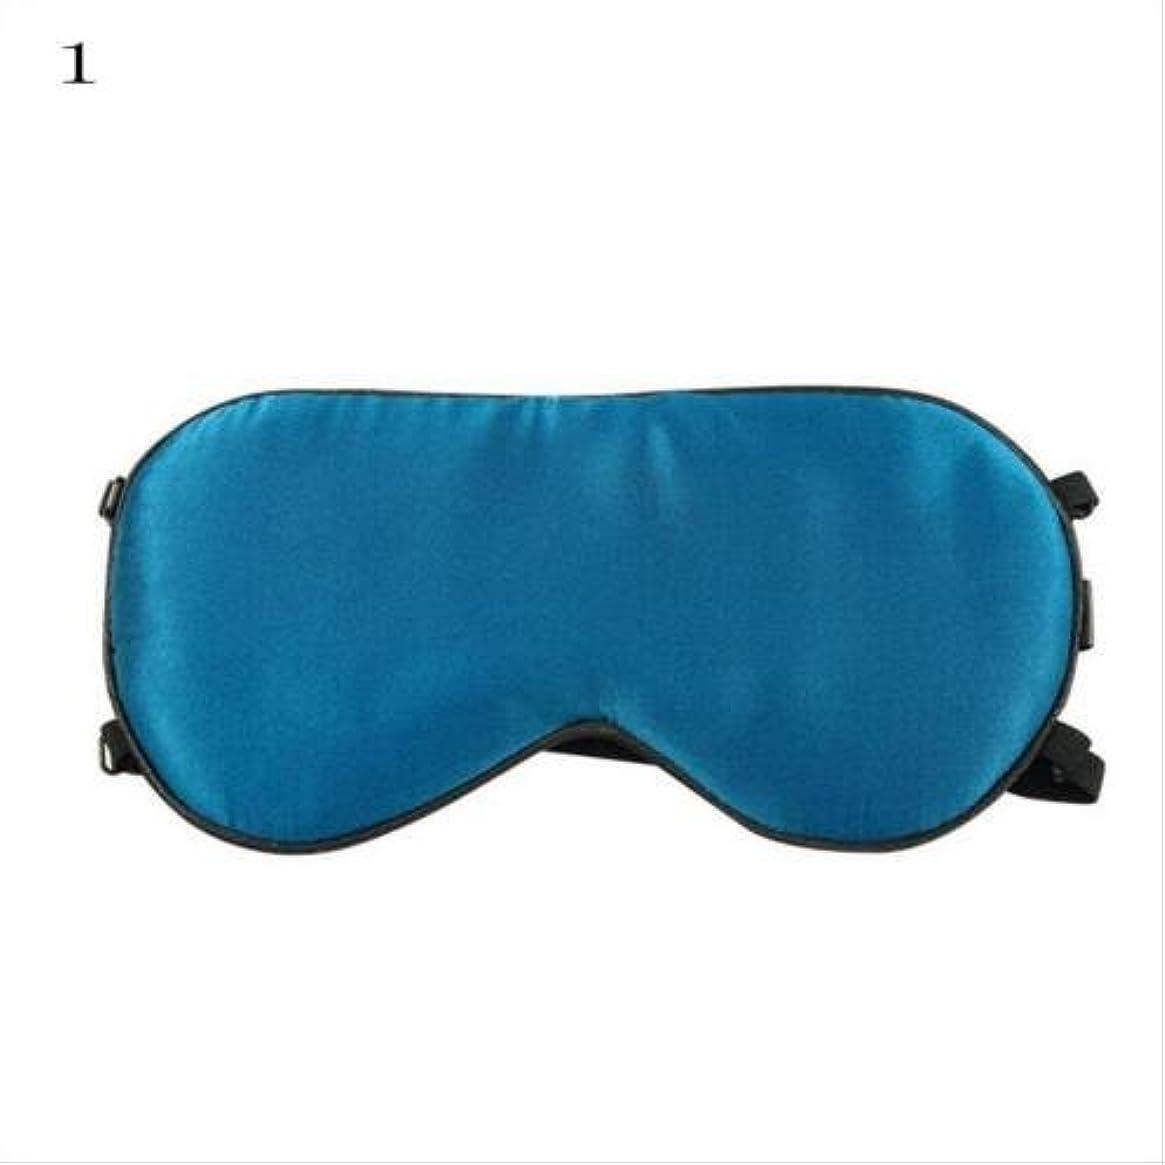 ビールつらい扱うNOTE 高級100%シルクポータブル旅行睡眠アイマスク休息補助ソフトカバーアイパッチアイシェード睡眠マスクケースMR096